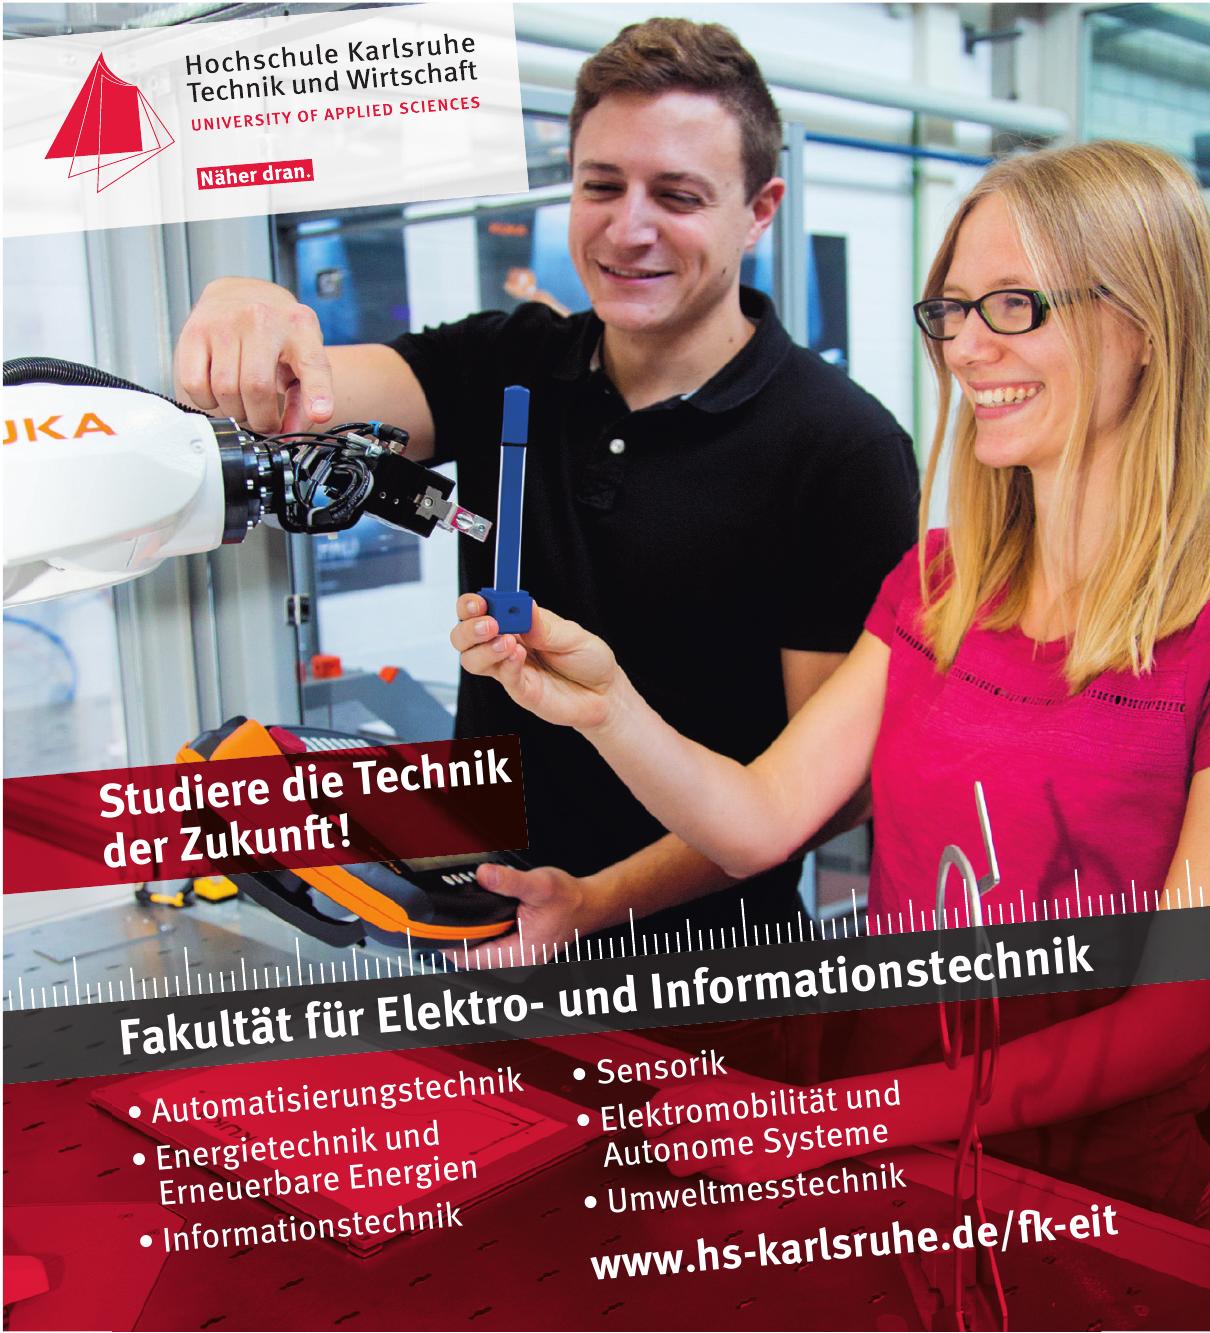 Hochschule Karlsruhe Technik und Wirtschaft